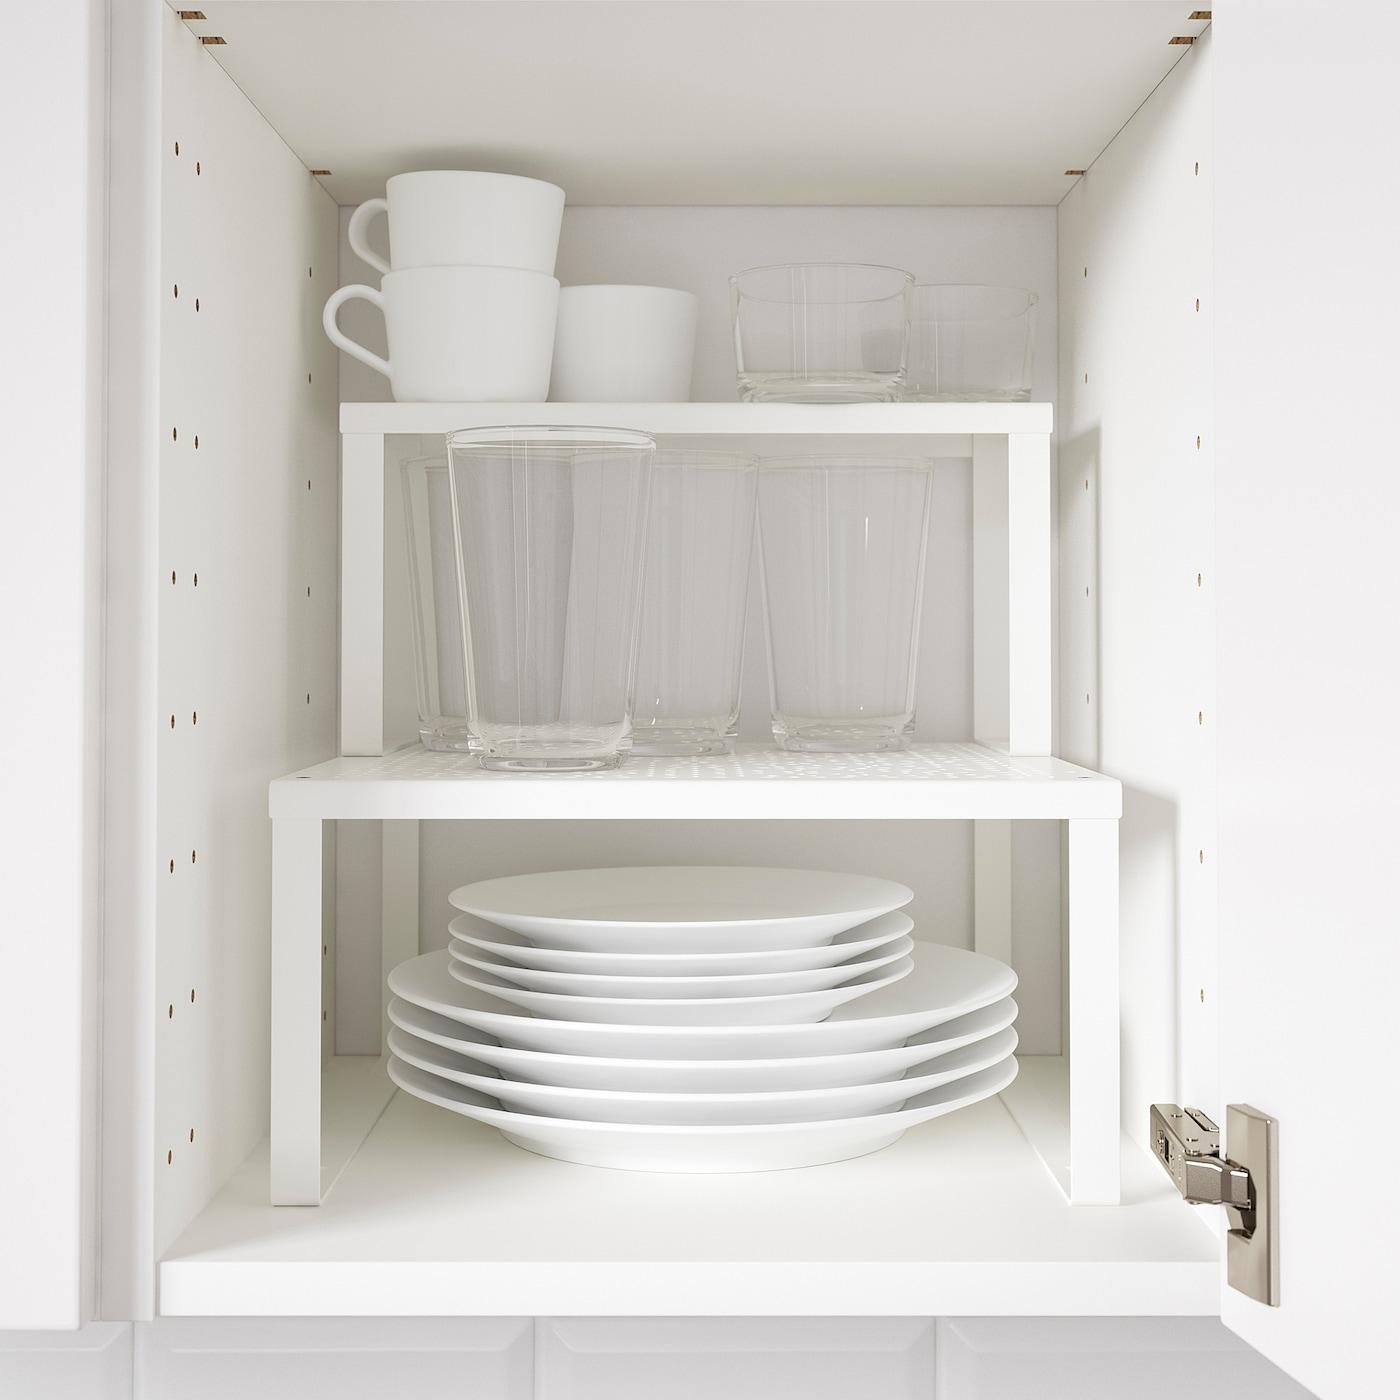 Variera Regaleinsatz Weiss Alle Details Findest Du Hier Ikea Deutschland